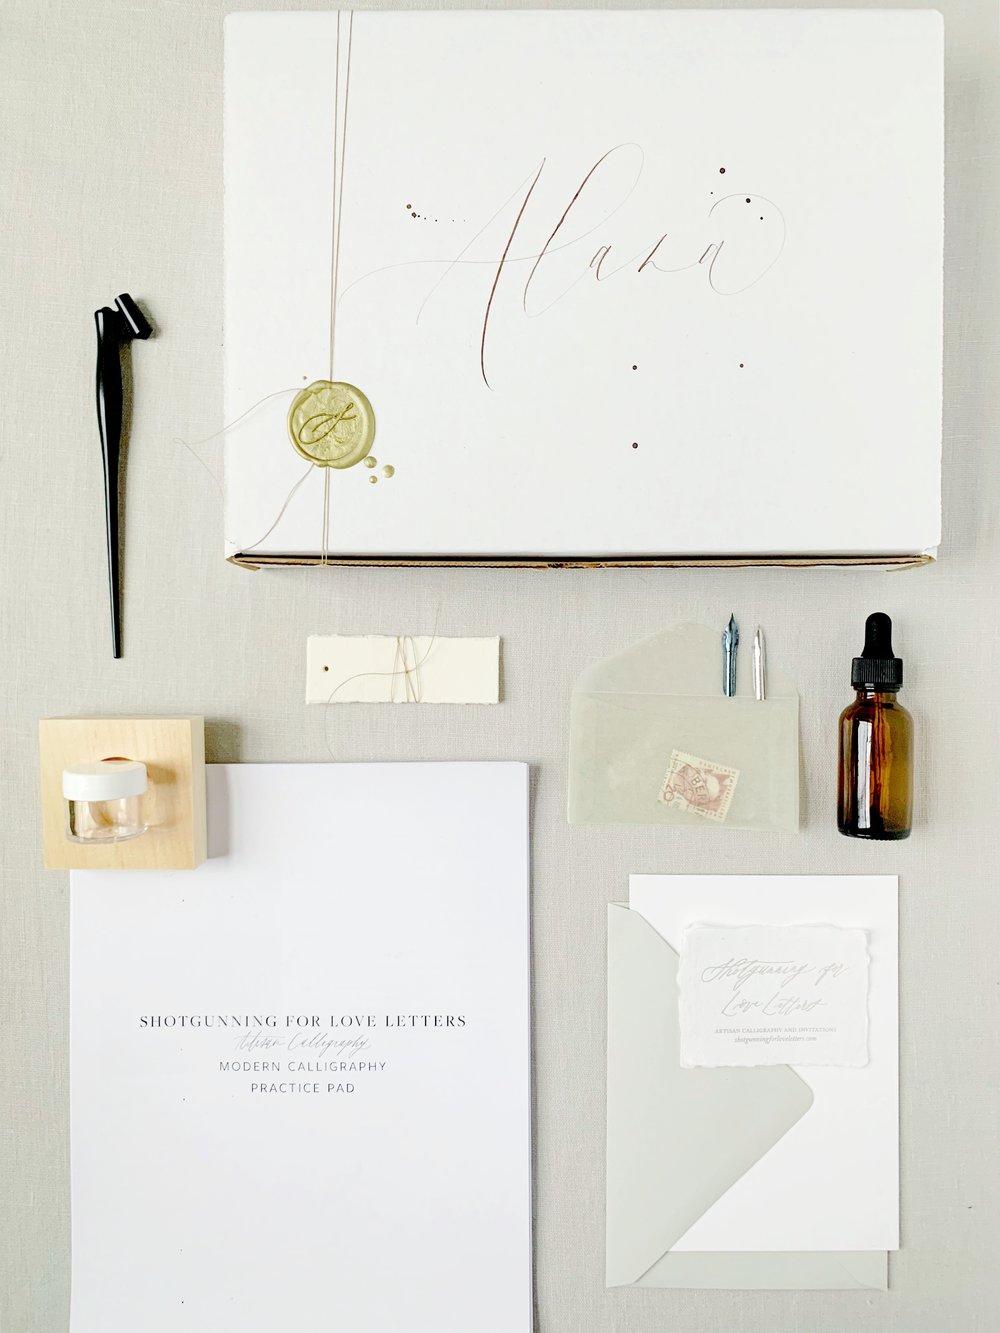 Learn Modern Calligraphy Beginners Kit | Shotgunning for Love Letters